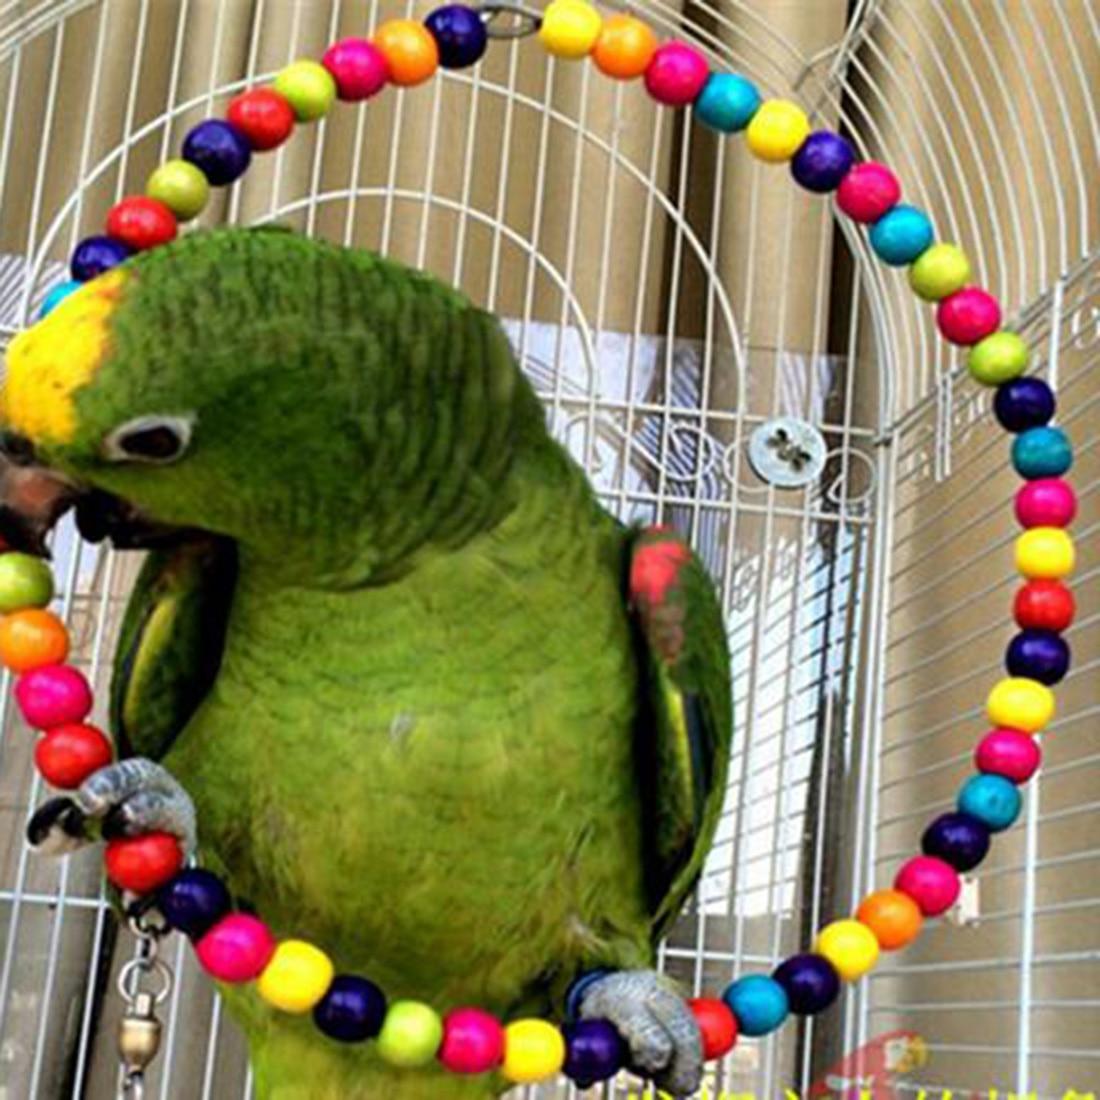 Новая забавная Радужная бусина 100 см Качели Попугай лестница для Птиц Деревянная игрушка для домашних животных аксессуары для домашних животных